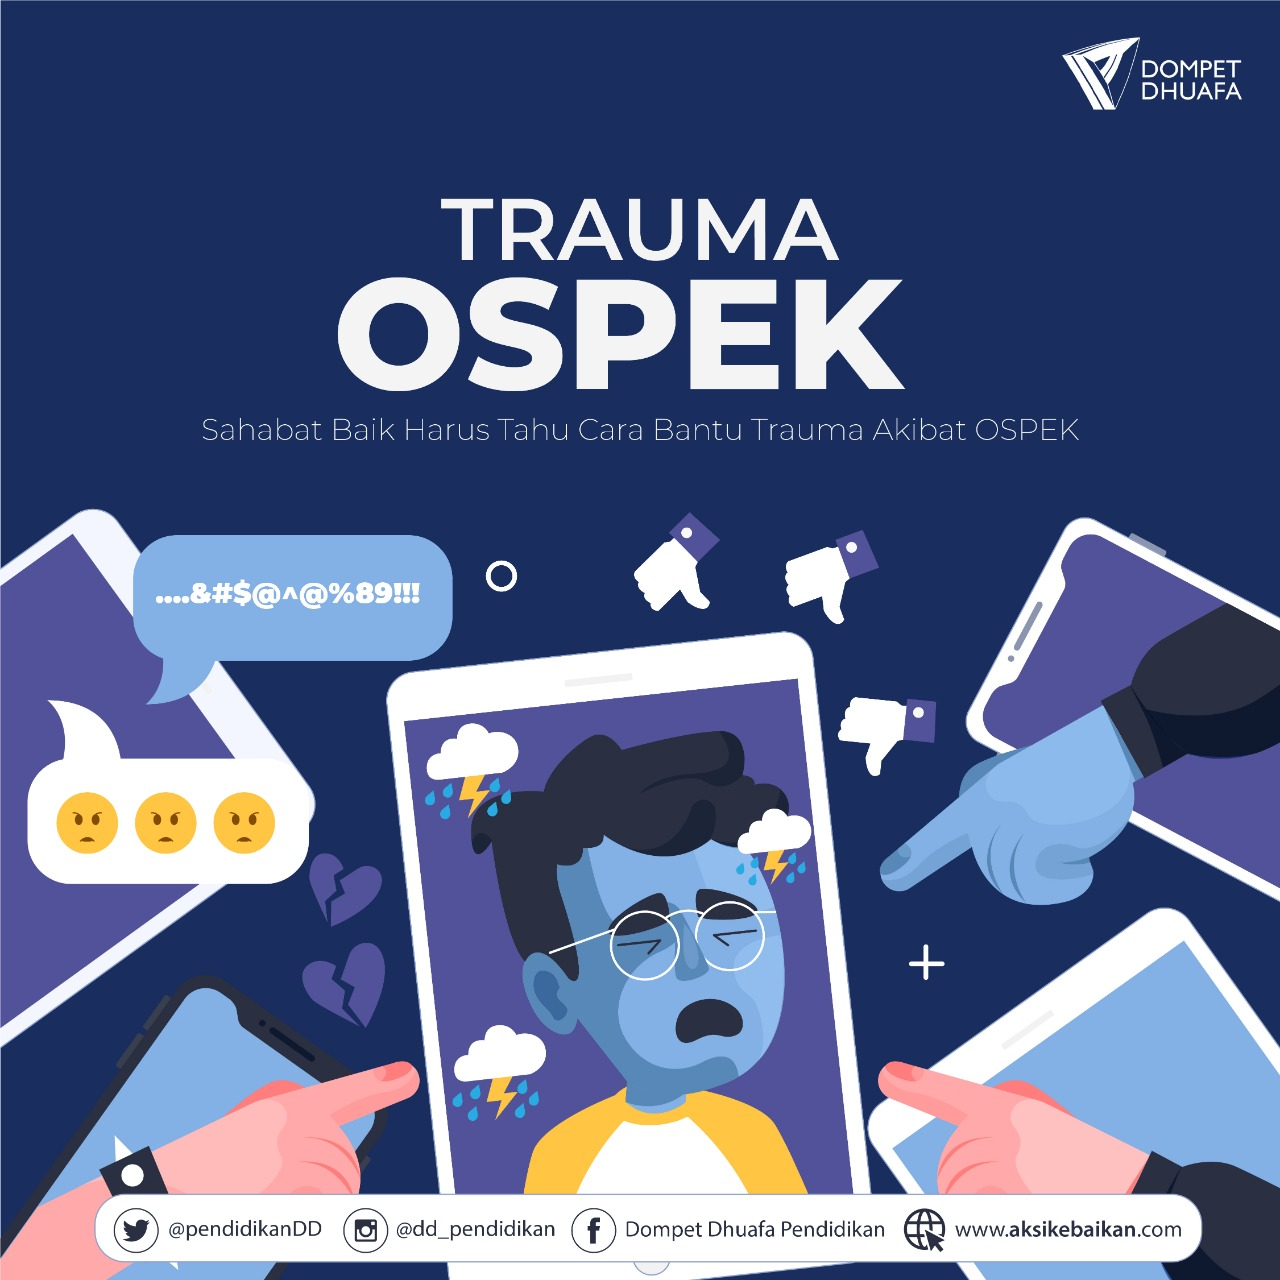 Sahabat Baik Harus Tahu Cara Bantu Trauma Akibat OSPEK